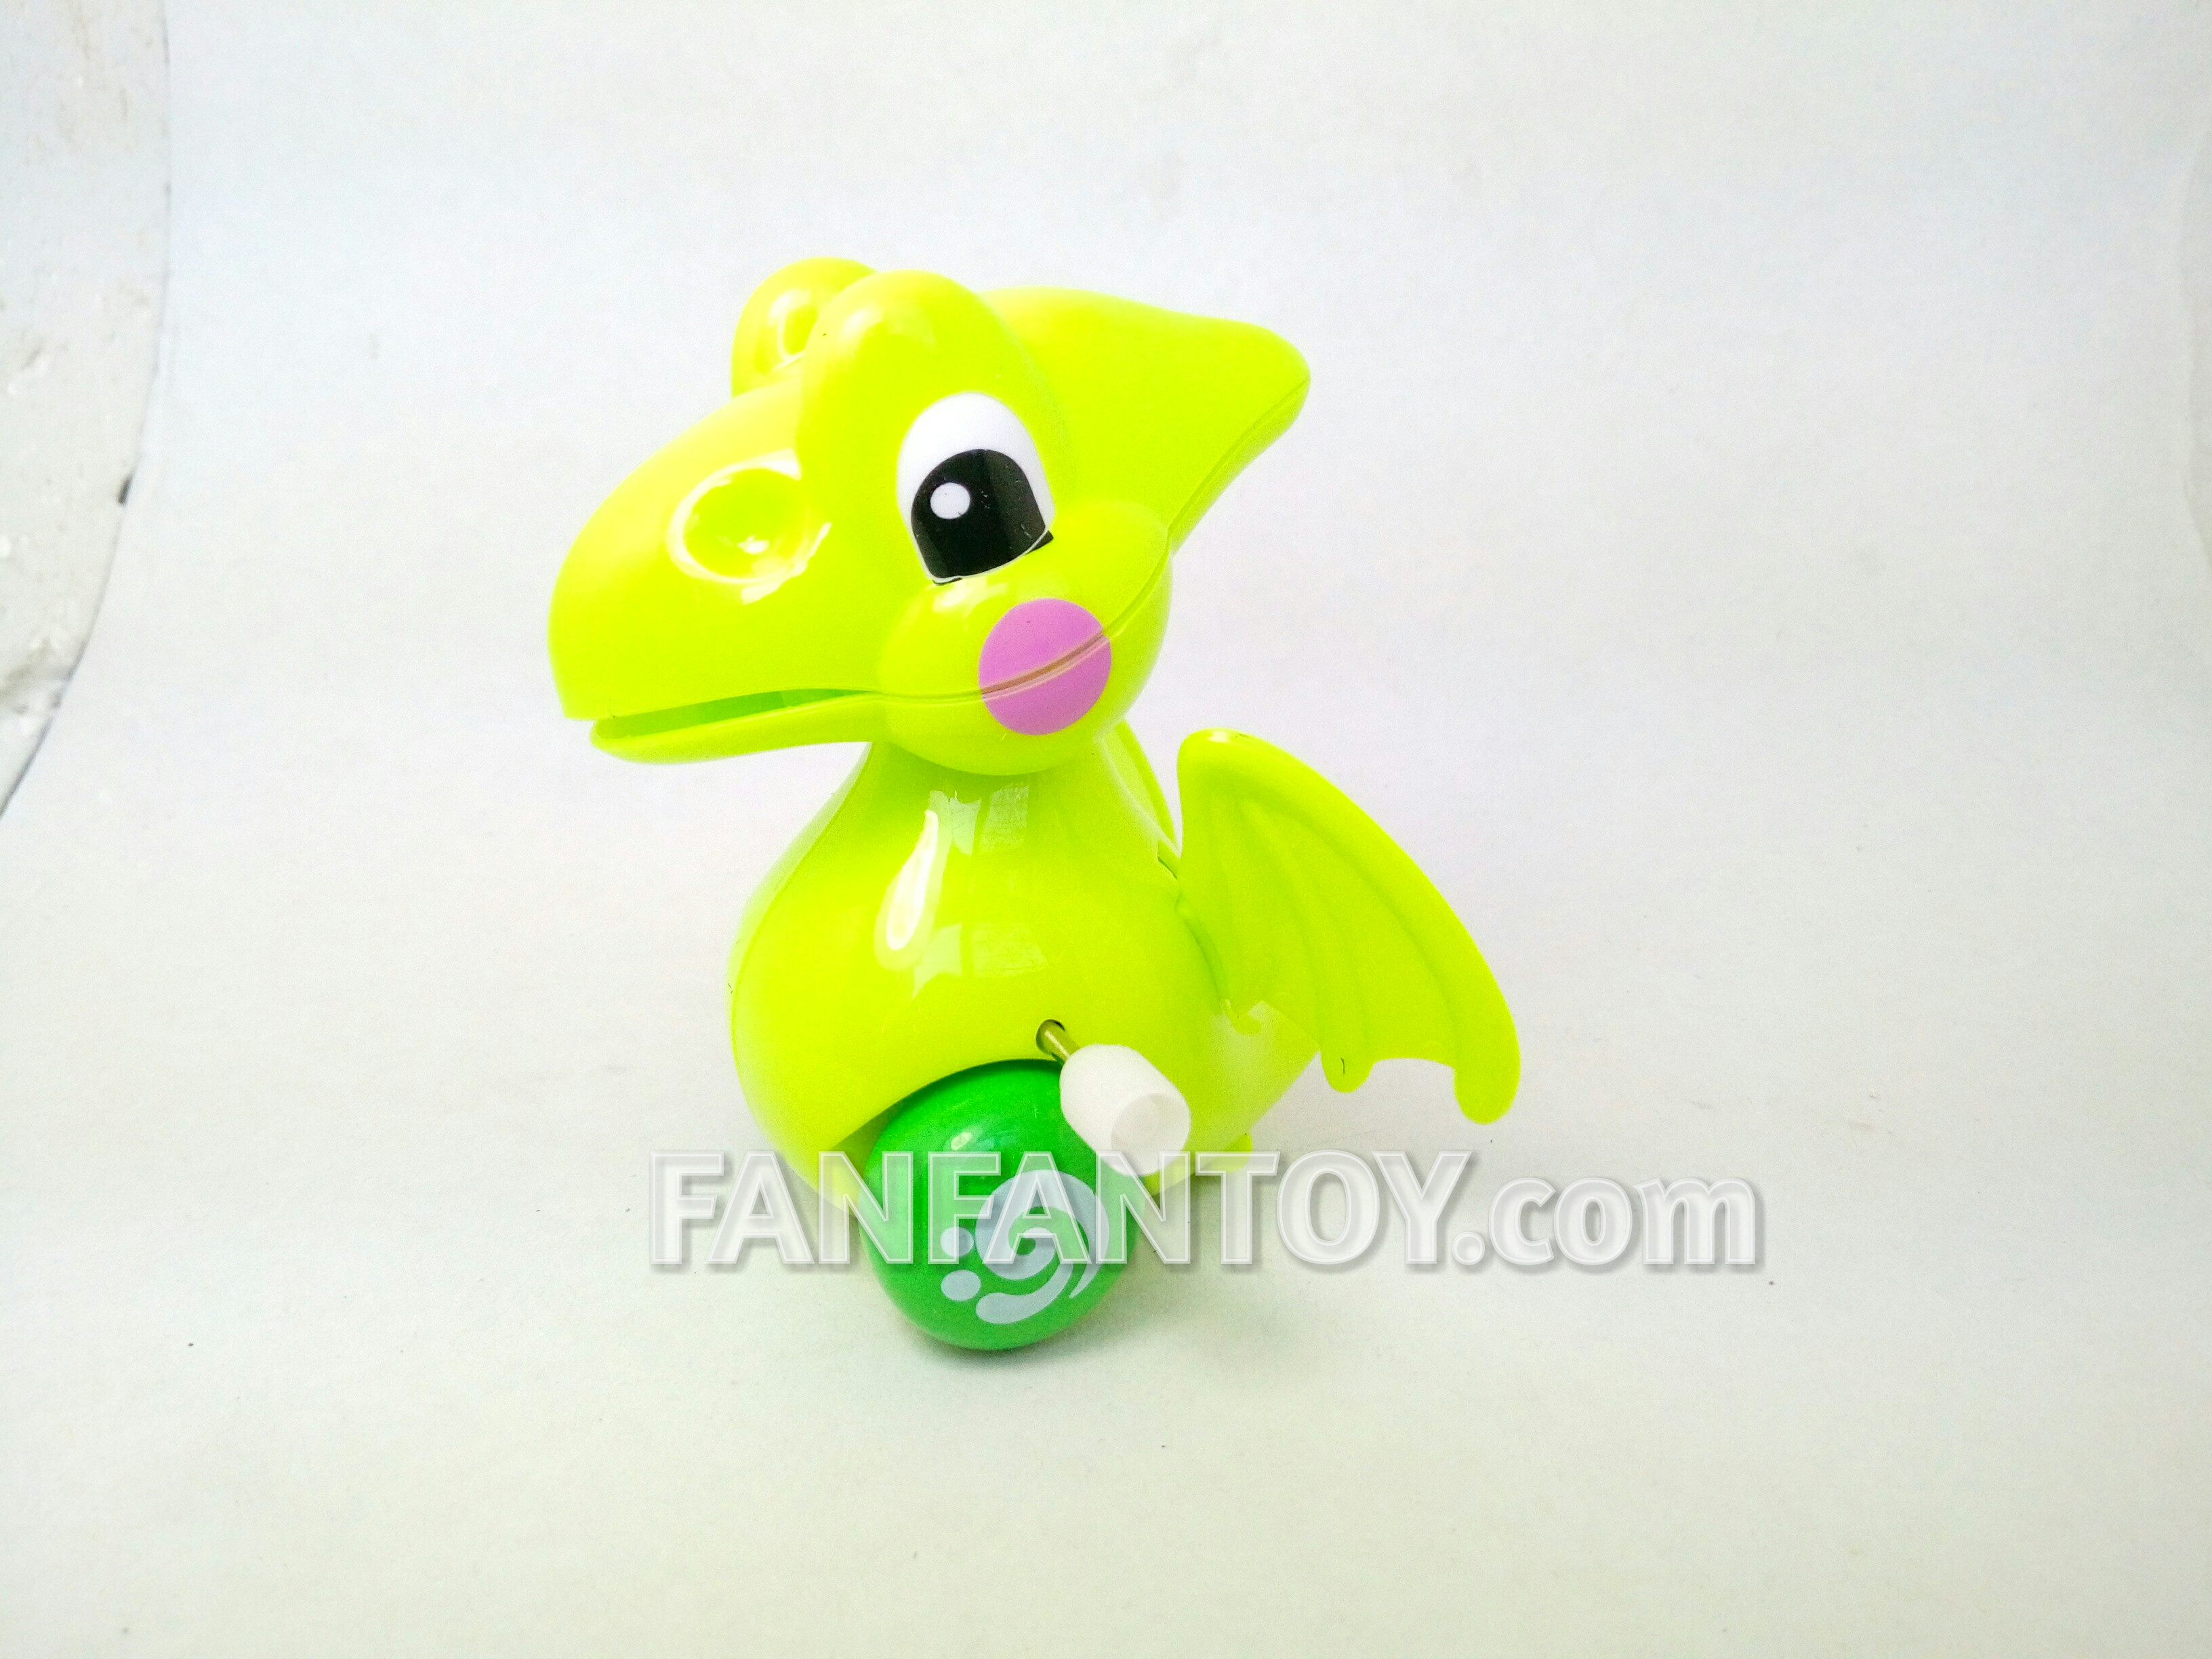 มังกรไขลาน สีเขียว